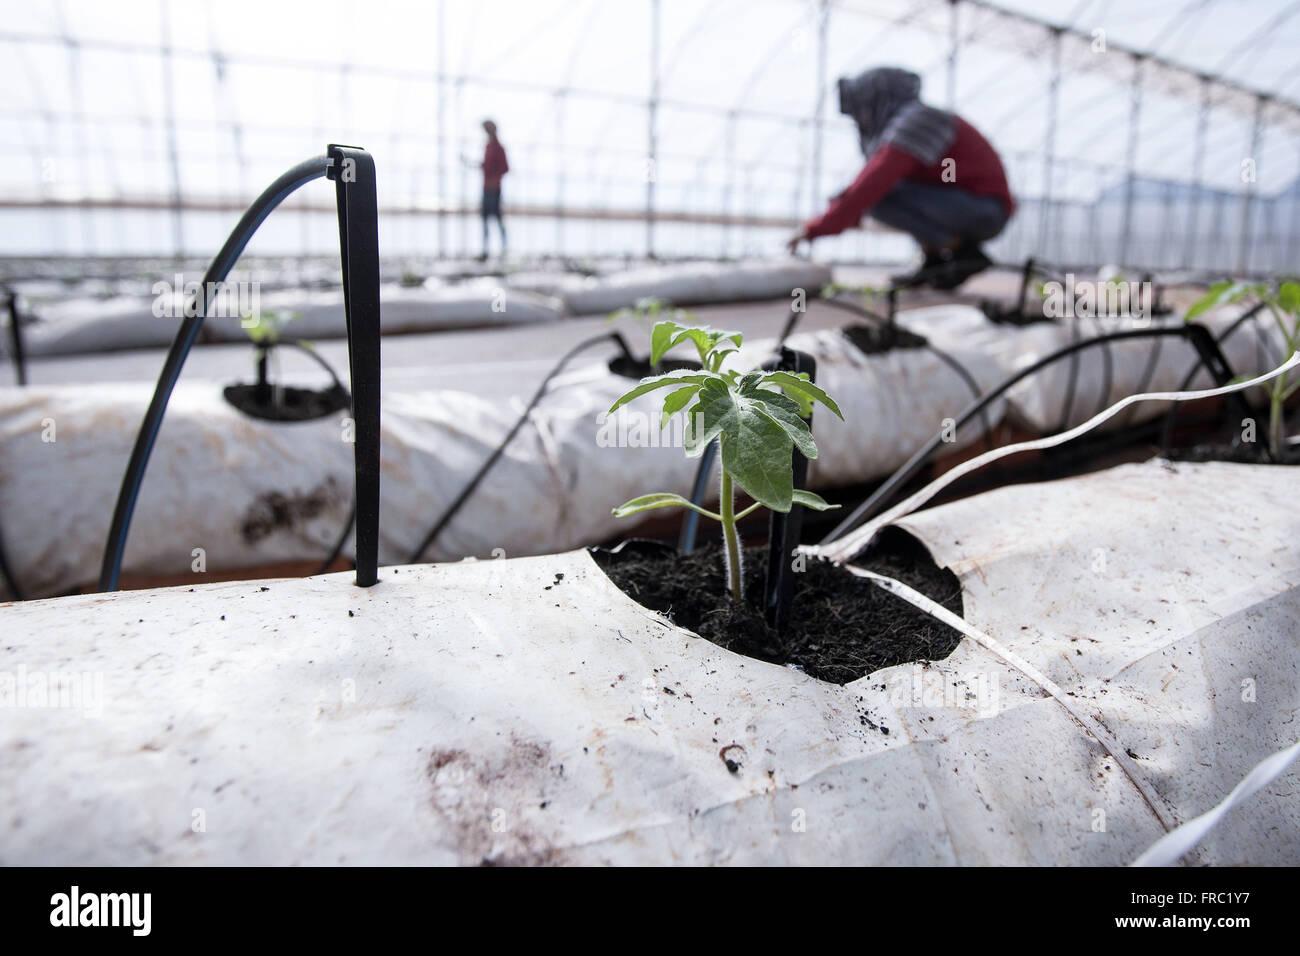 Plántulas de tomate orgánico en invernadero de alta tecnología en el campo Imagen De Stock